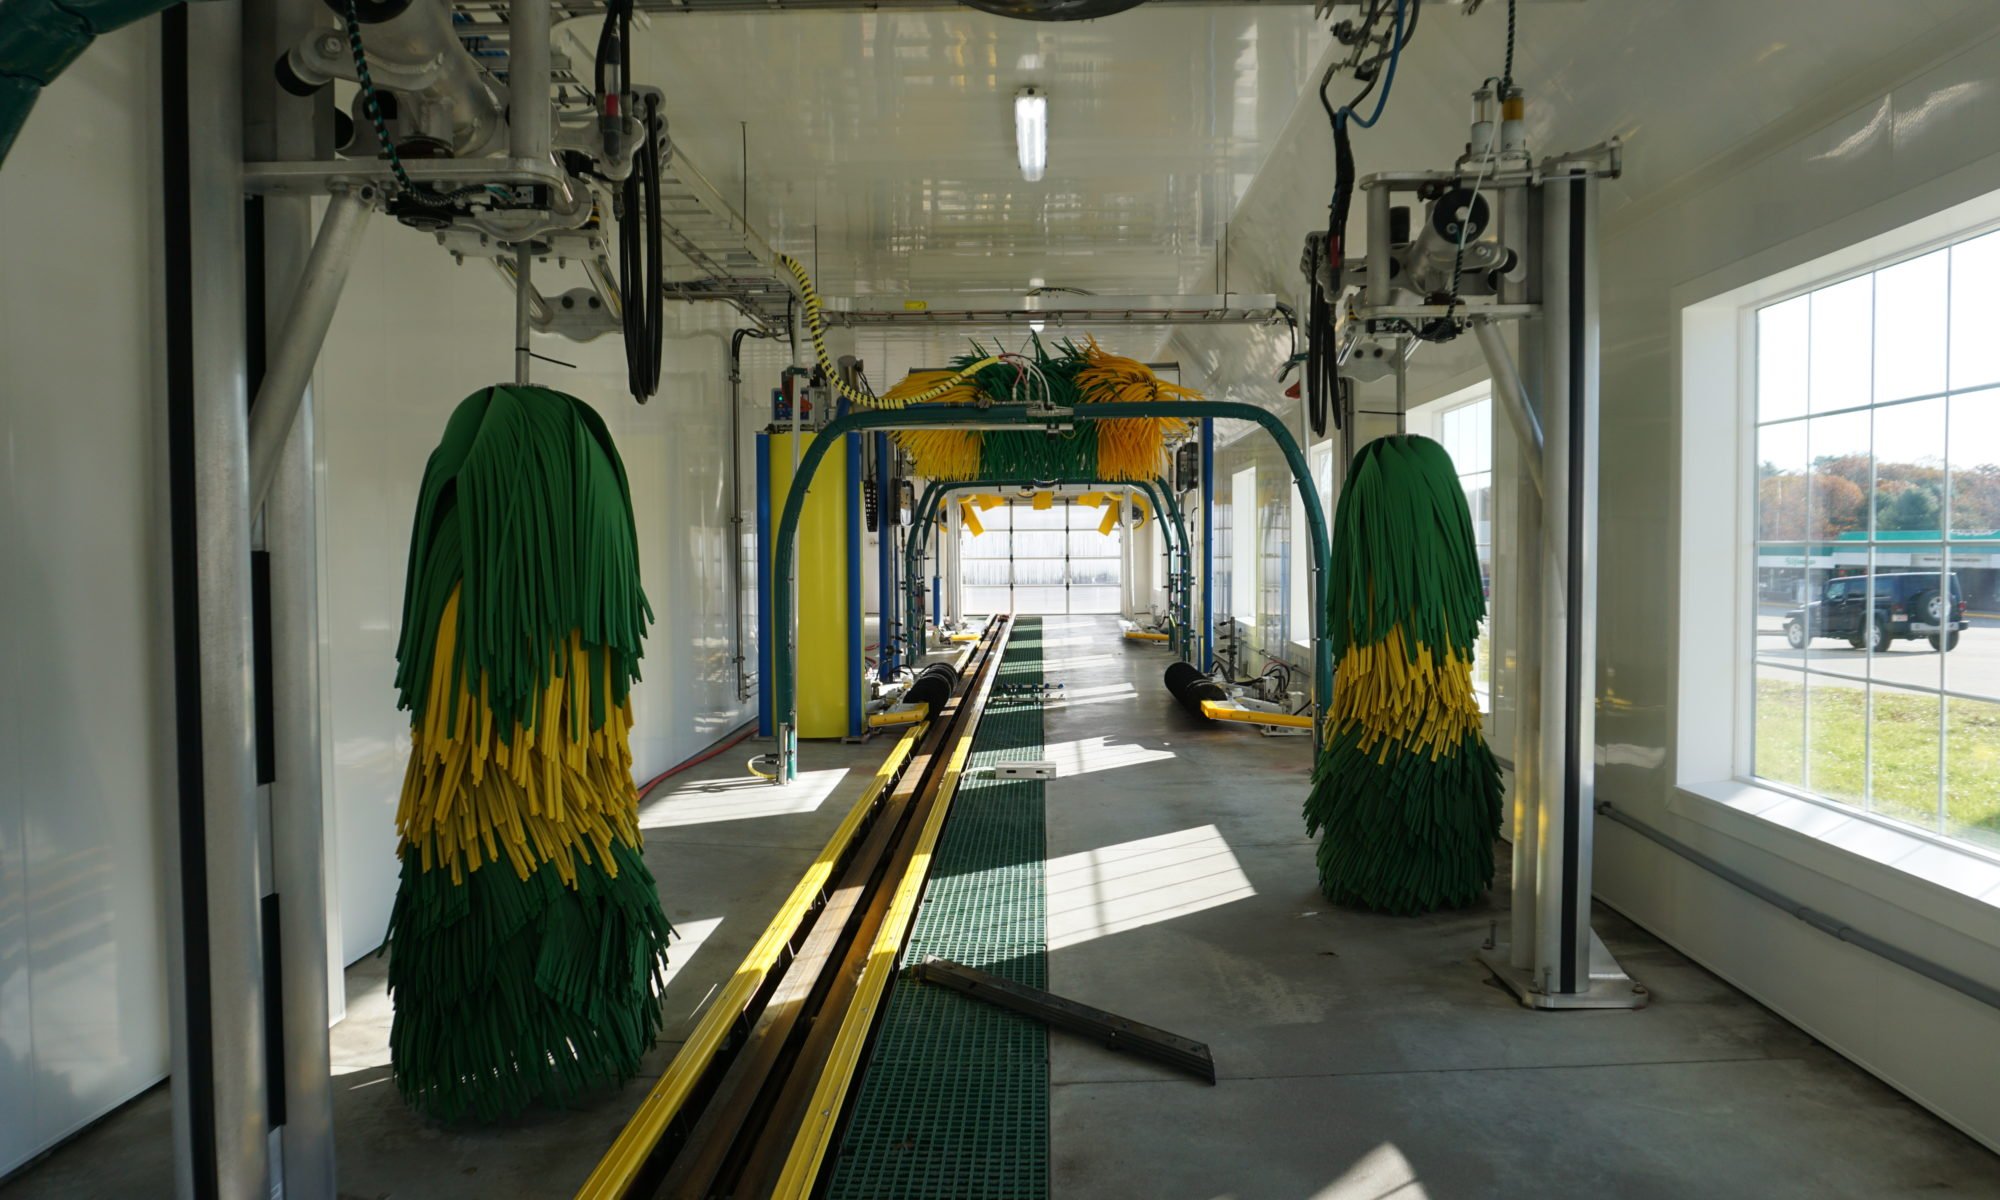 autospa car wash tunnel